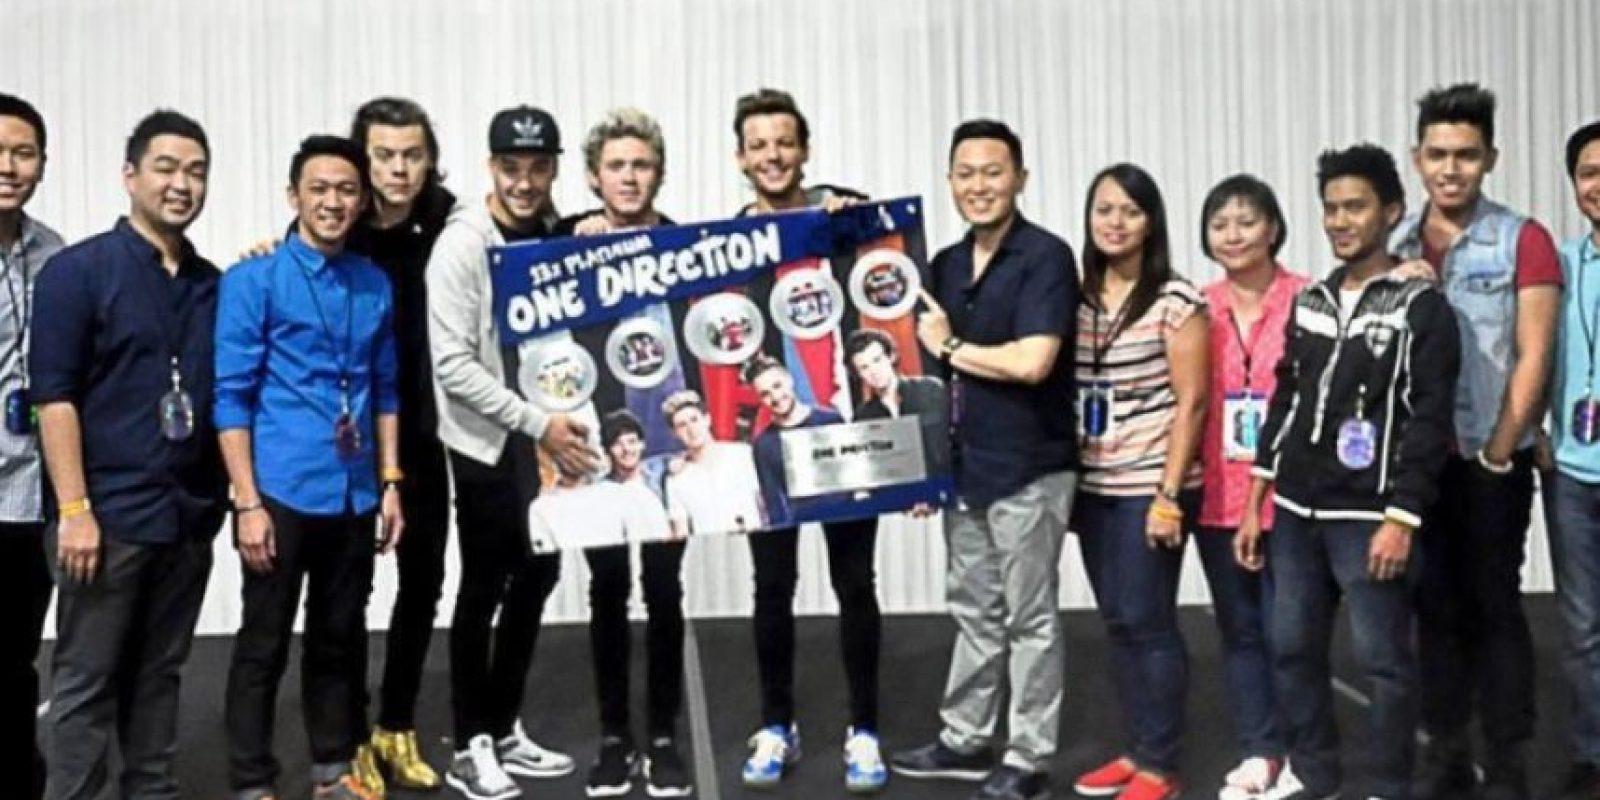 En días pasados, esta fotografía molestó a las fans pues Liam Payne cubre el rostro de Zayn en este póster. Foto:Vía Twitter.com/liampayne